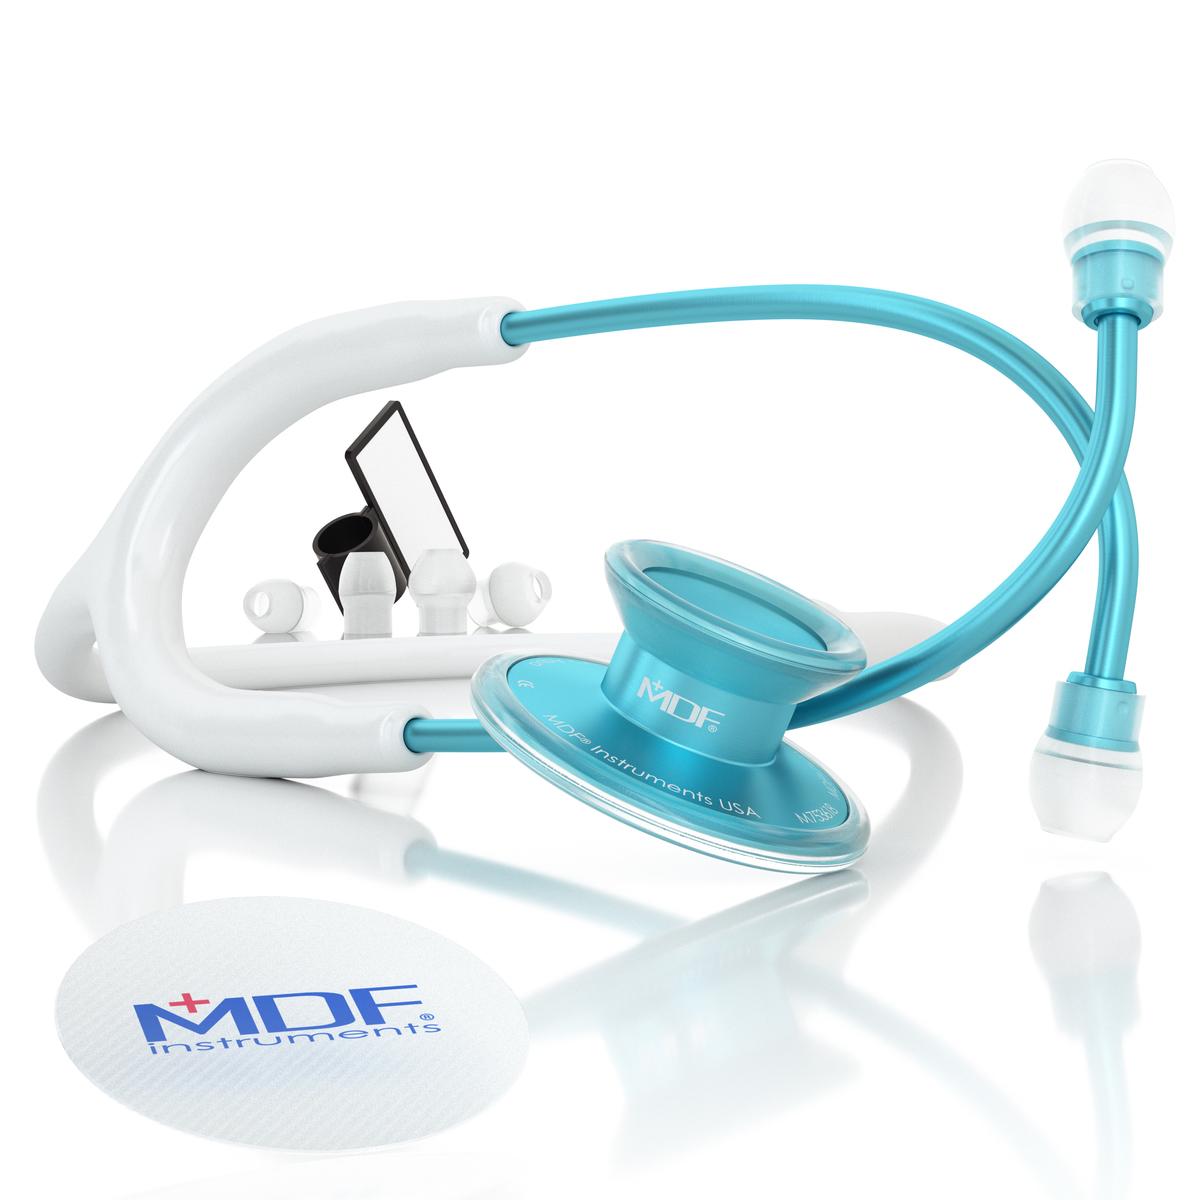 アクア-ホワイト MDF747XPAQ29 コストパフォーマンスに優れた軽量モデル 店舗 超目玉 MDF聴診器